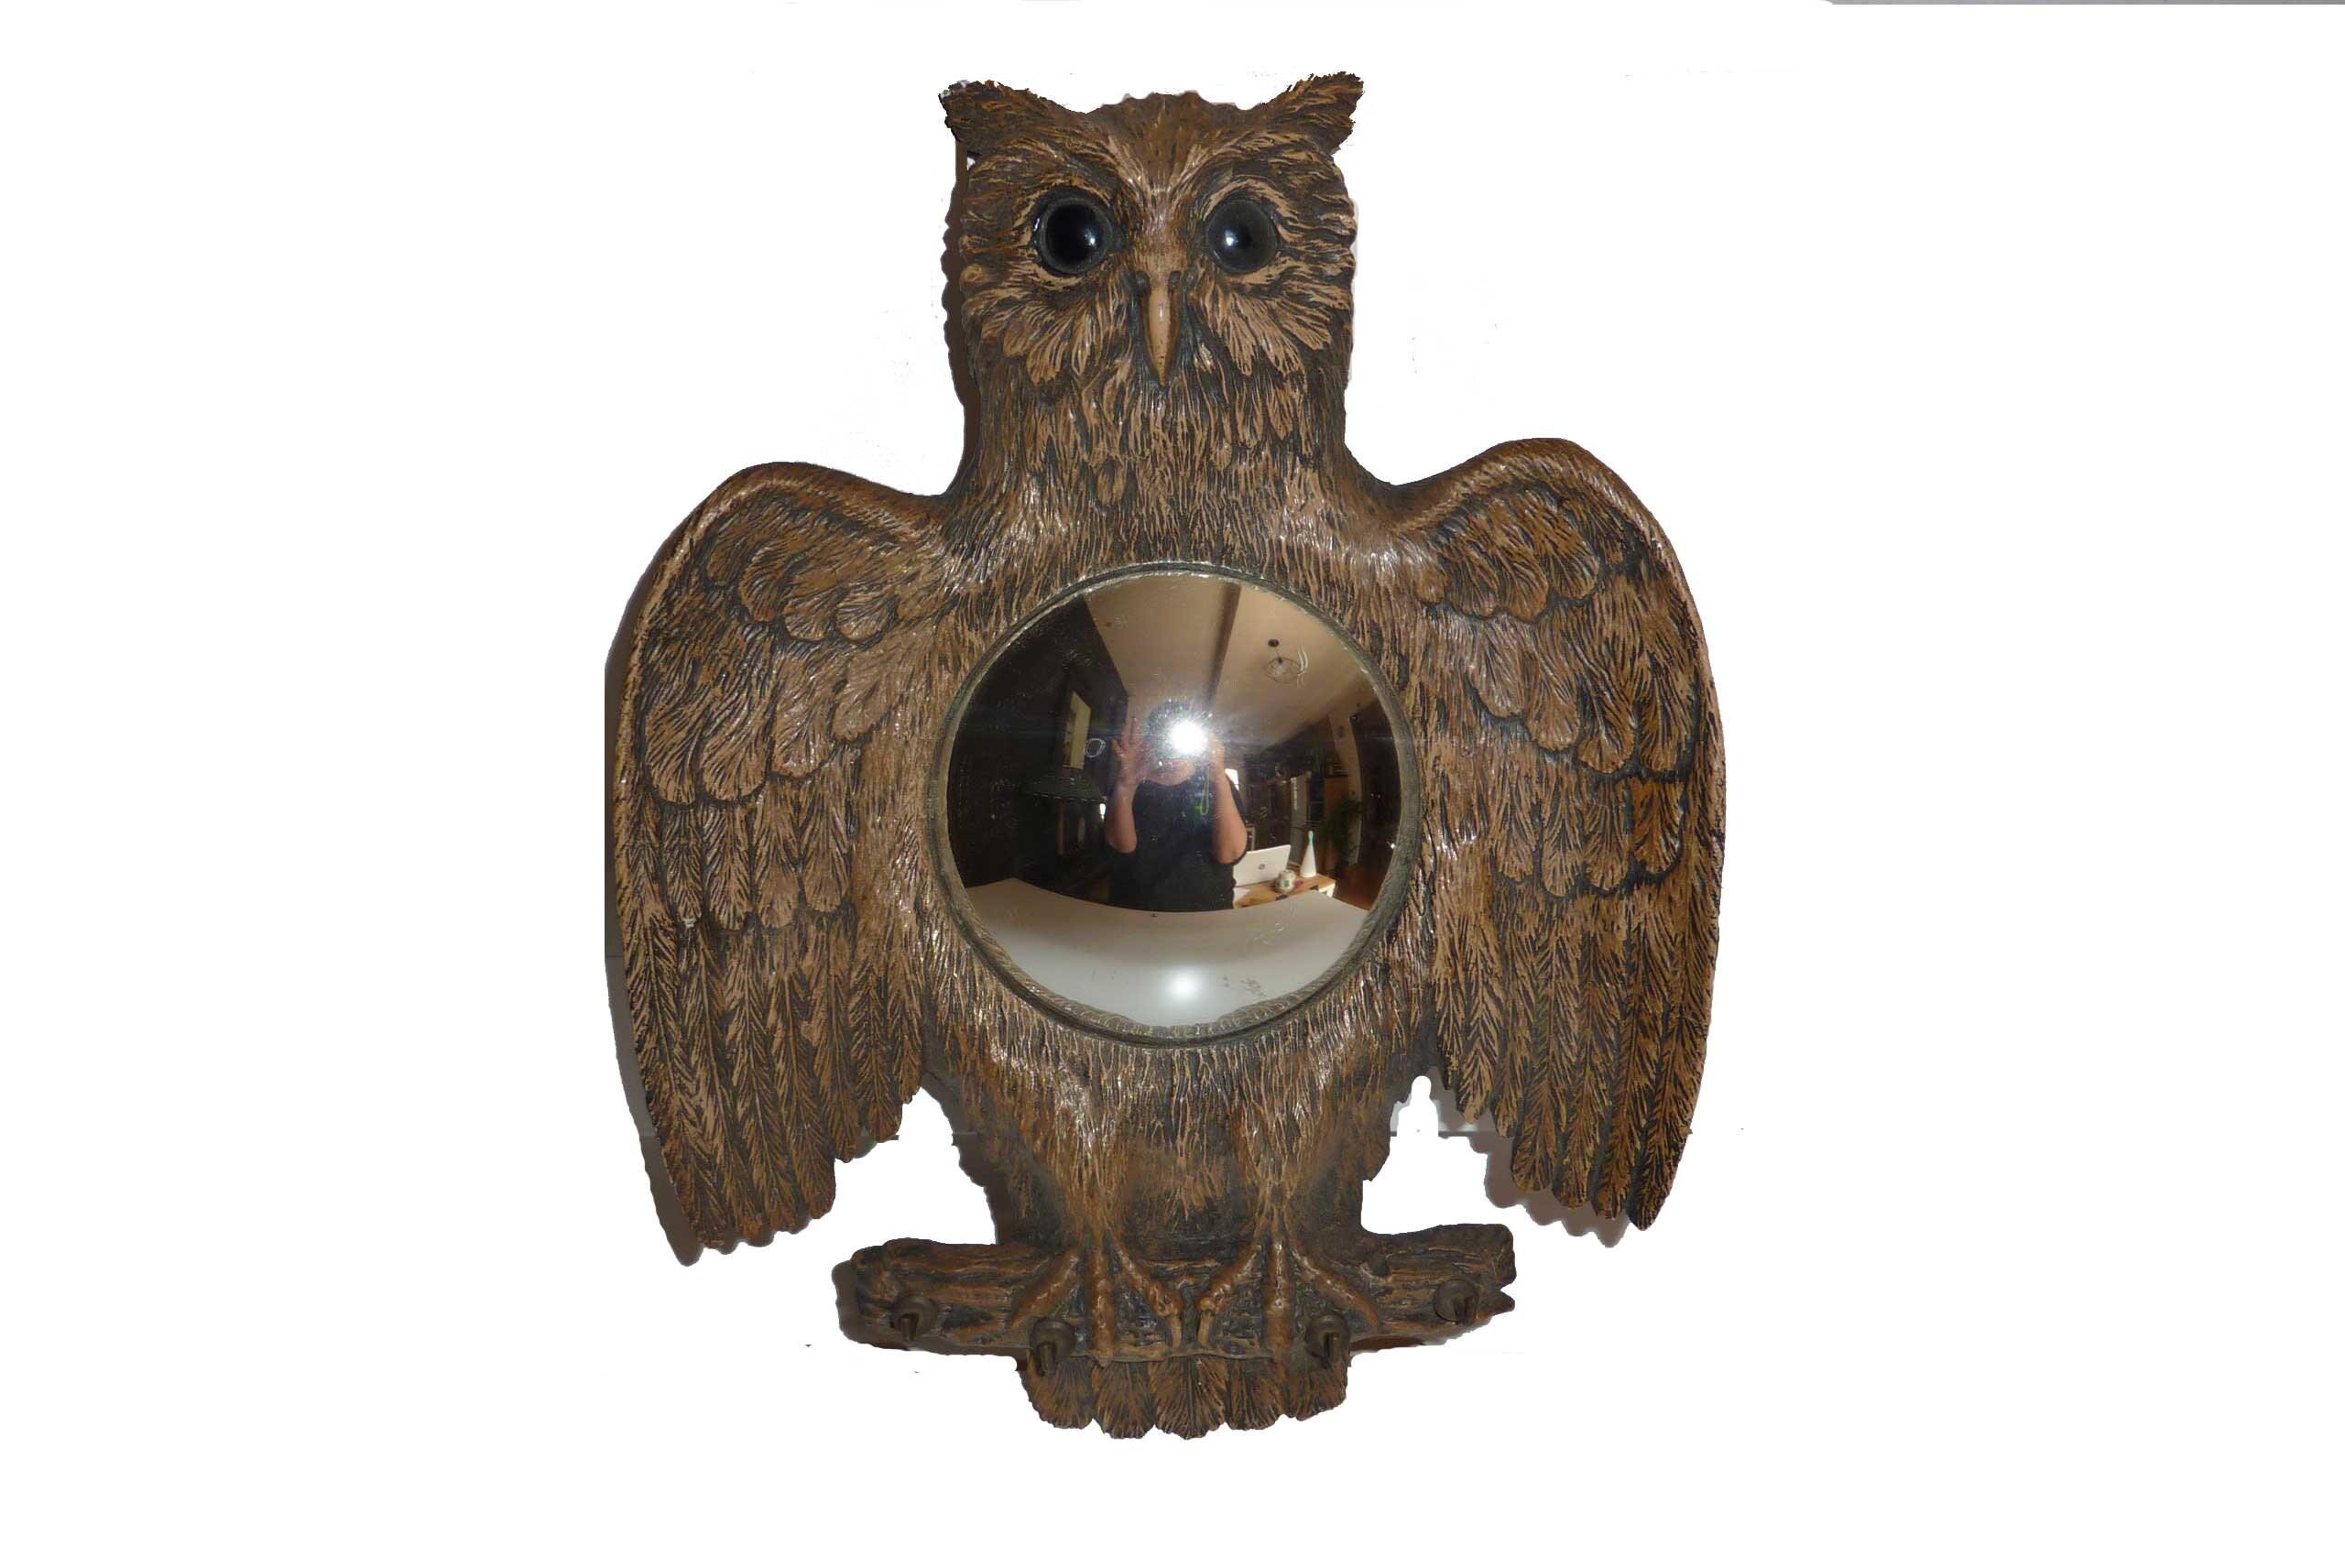 miroir oeil de sorci re ancien rond forme de chouette hibou. Black Bedroom Furniture Sets. Home Design Ideas